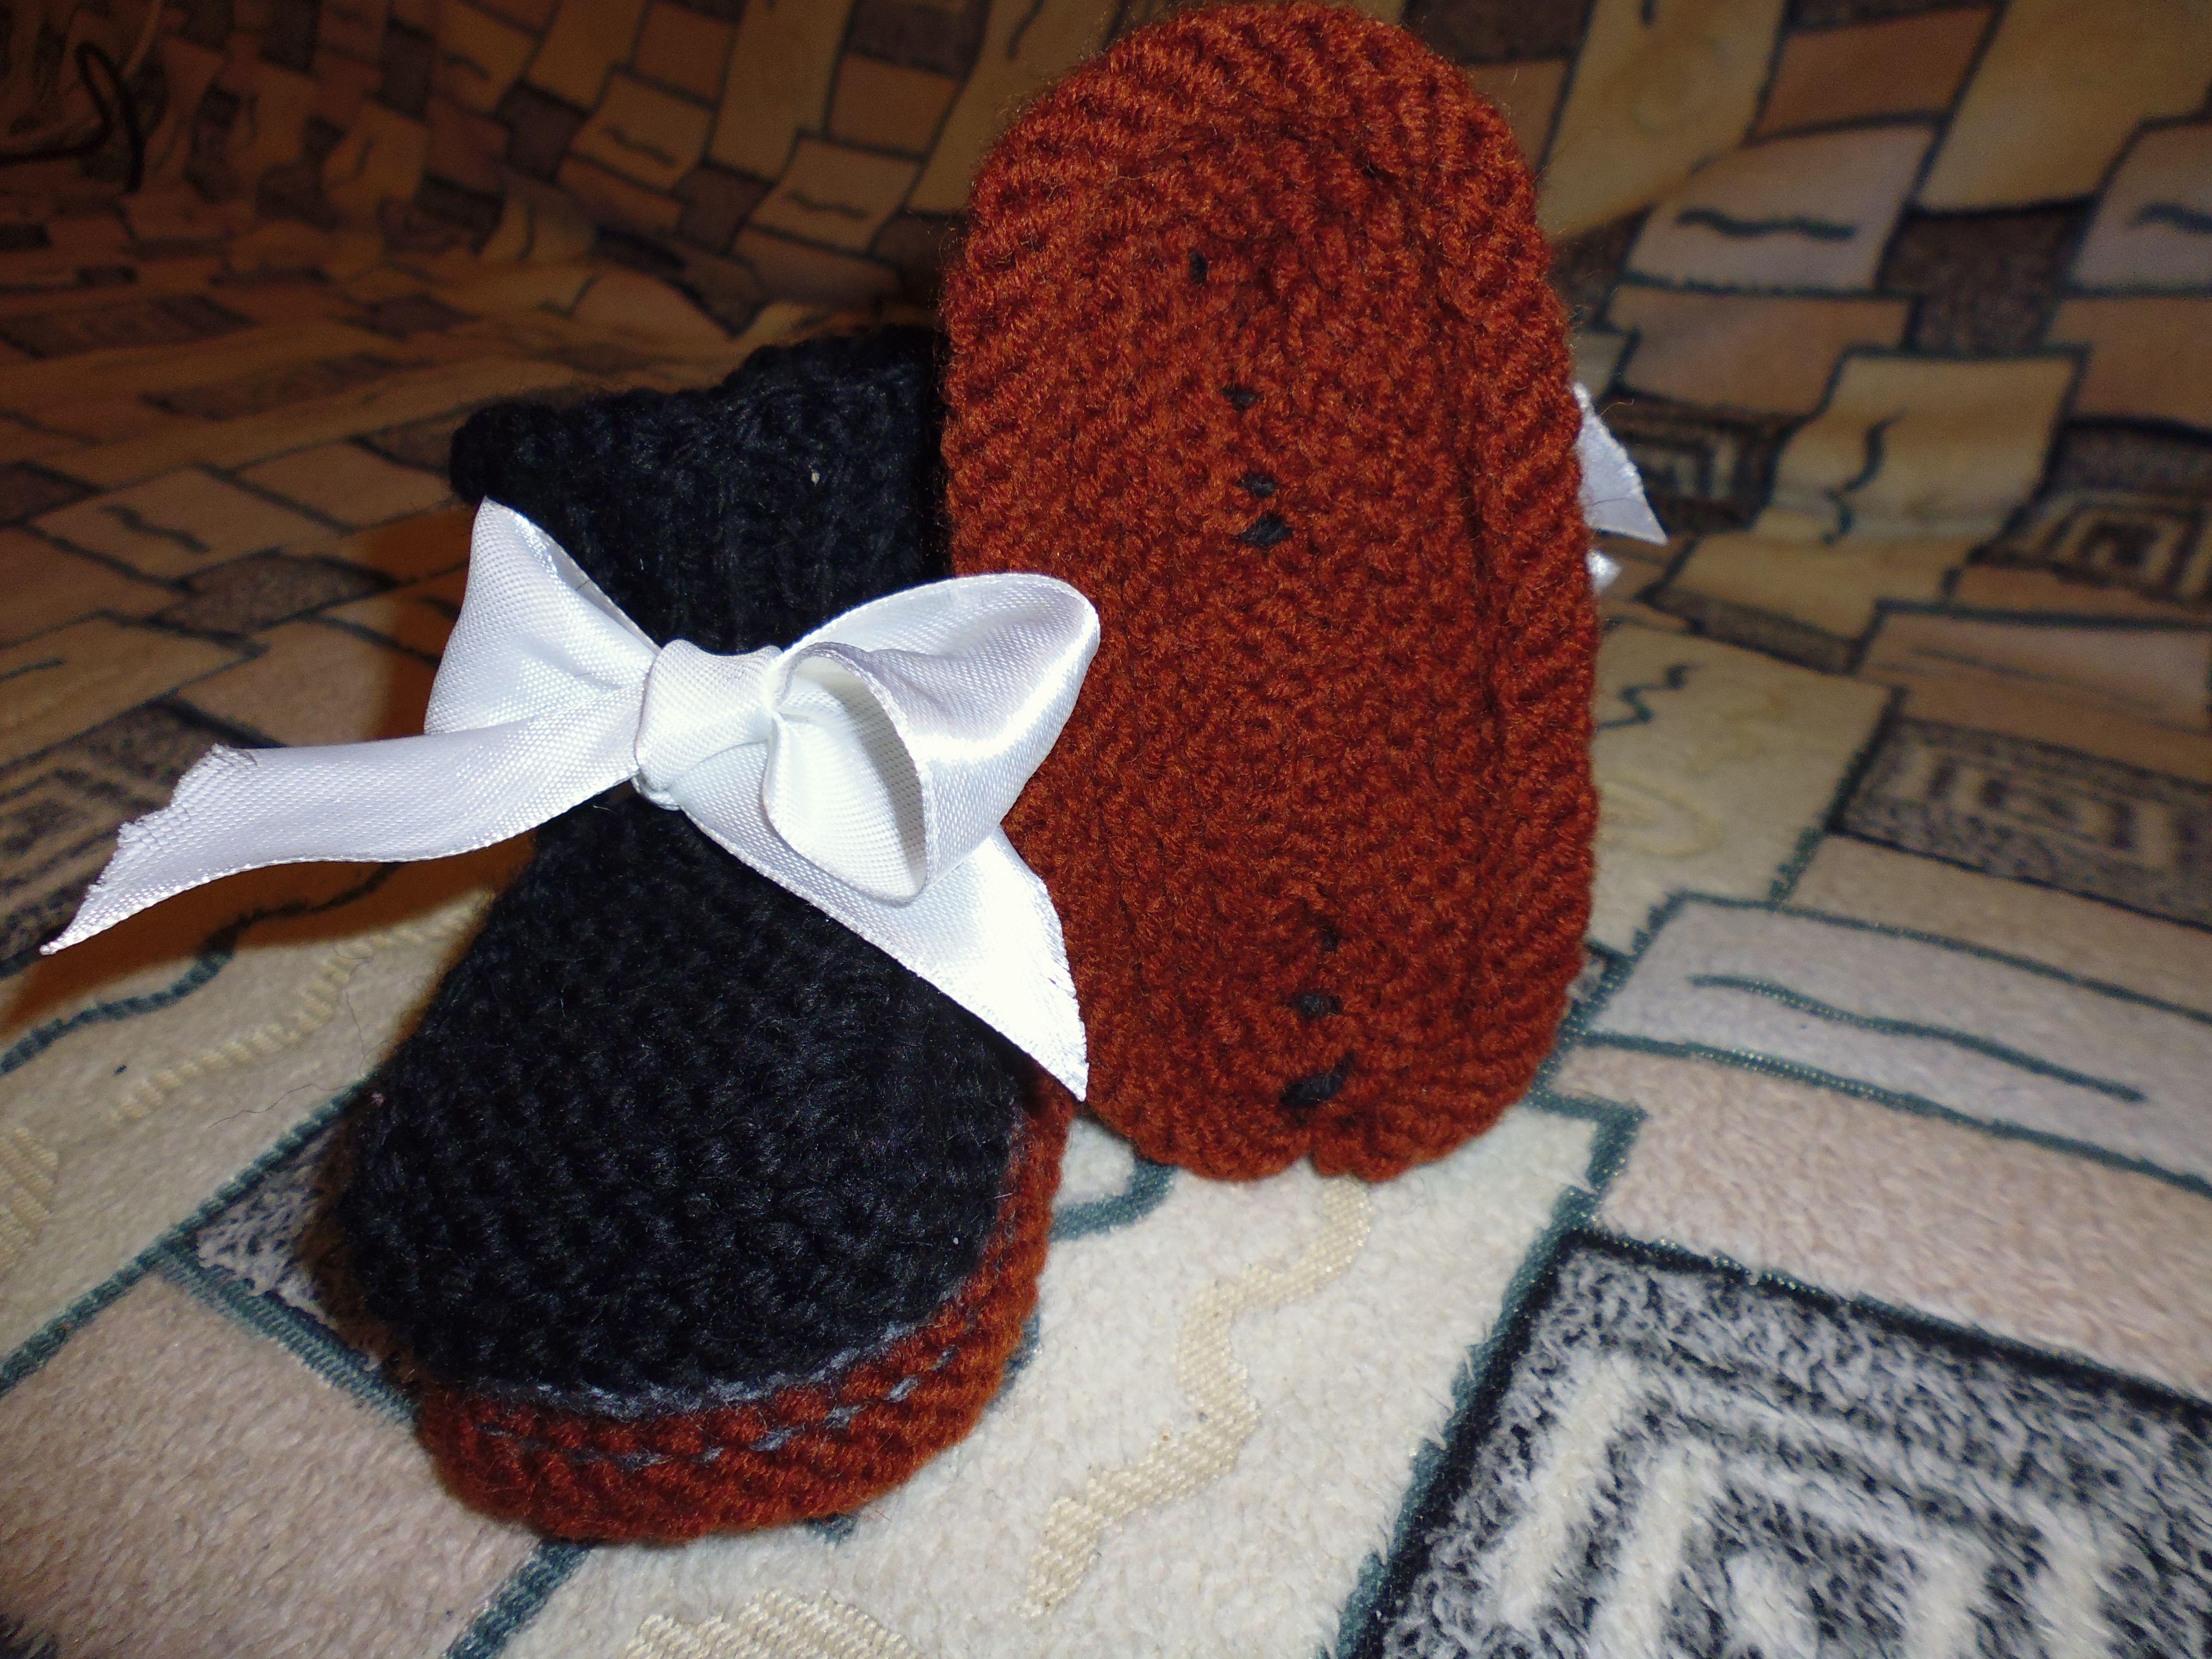 вязаниеназаказ пинетки knitting вяжуназаказ kniting пинеткидеткам вязание